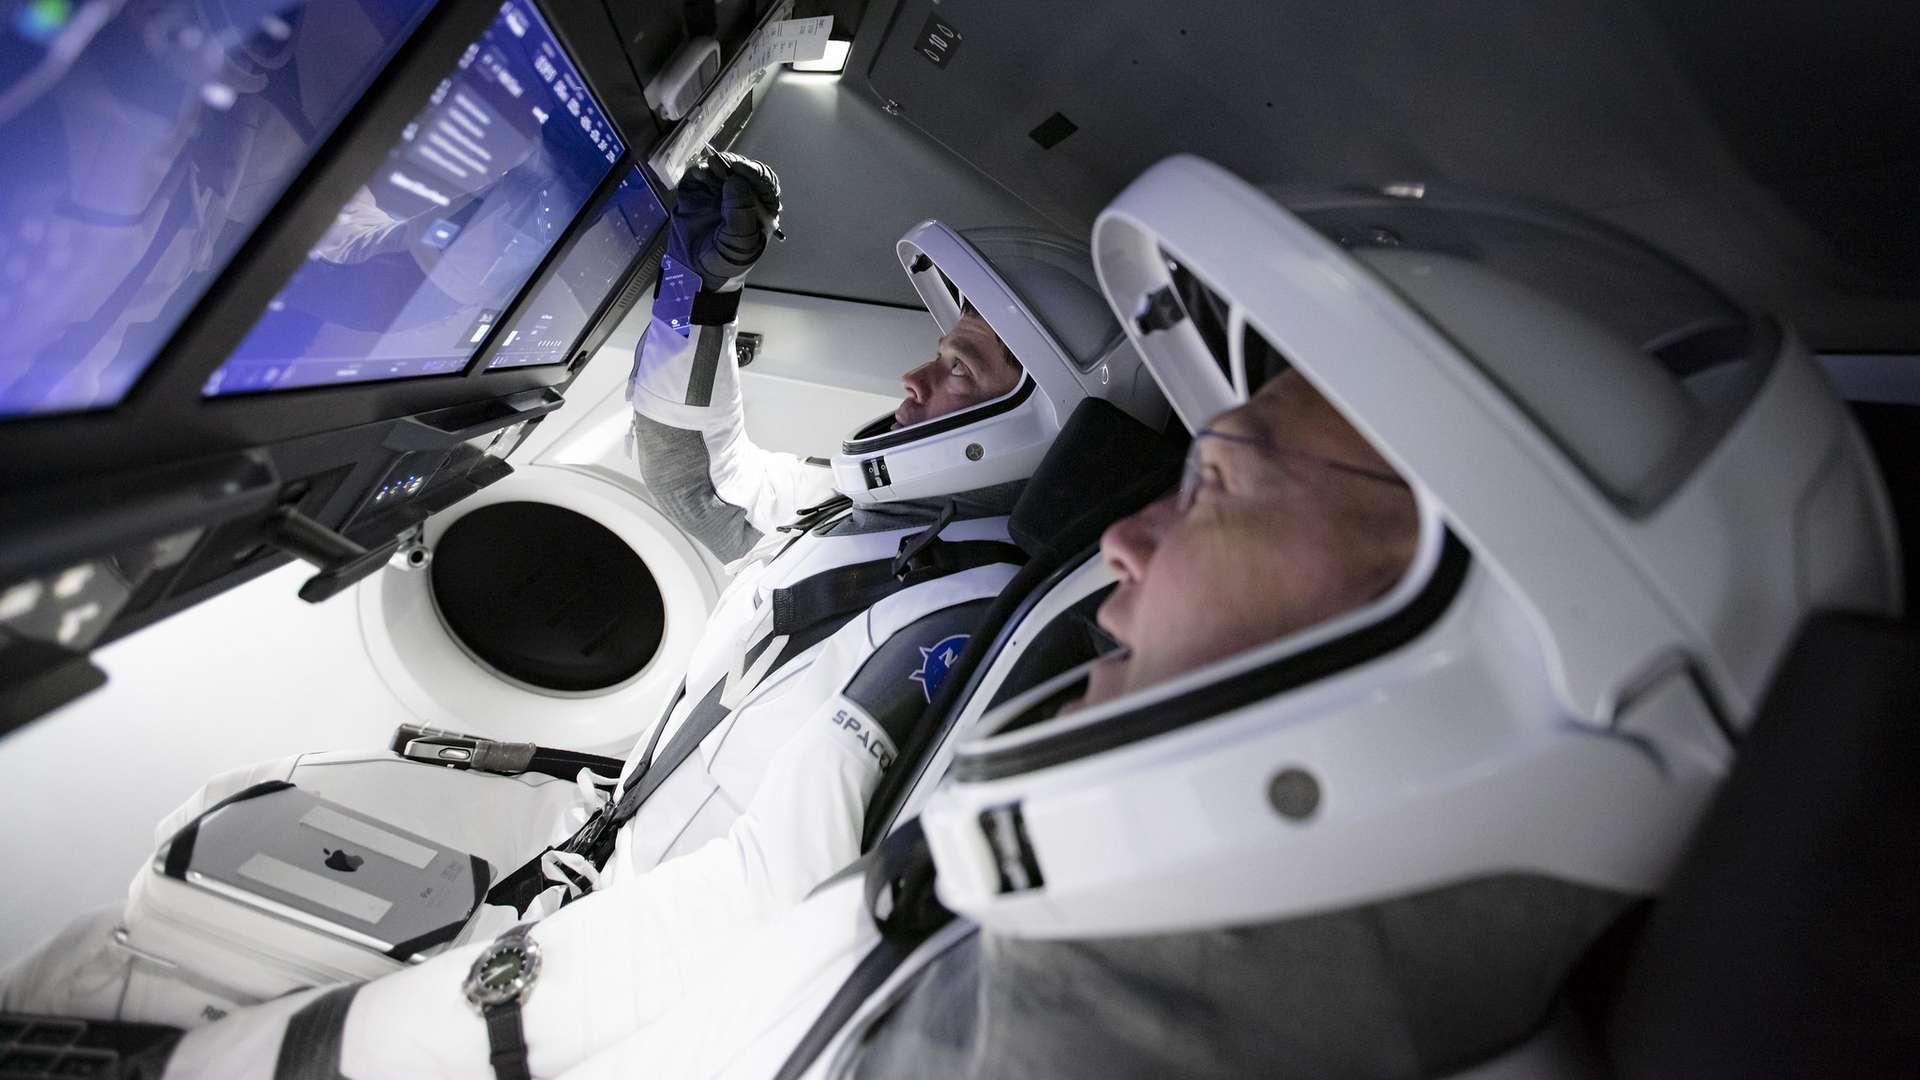 Les astronautes Robert Behnken et Douglas Hurley, premier équipage à voyager à bord du véhicule Crew Dragon de SpaceX. © SpaceX, Nasa